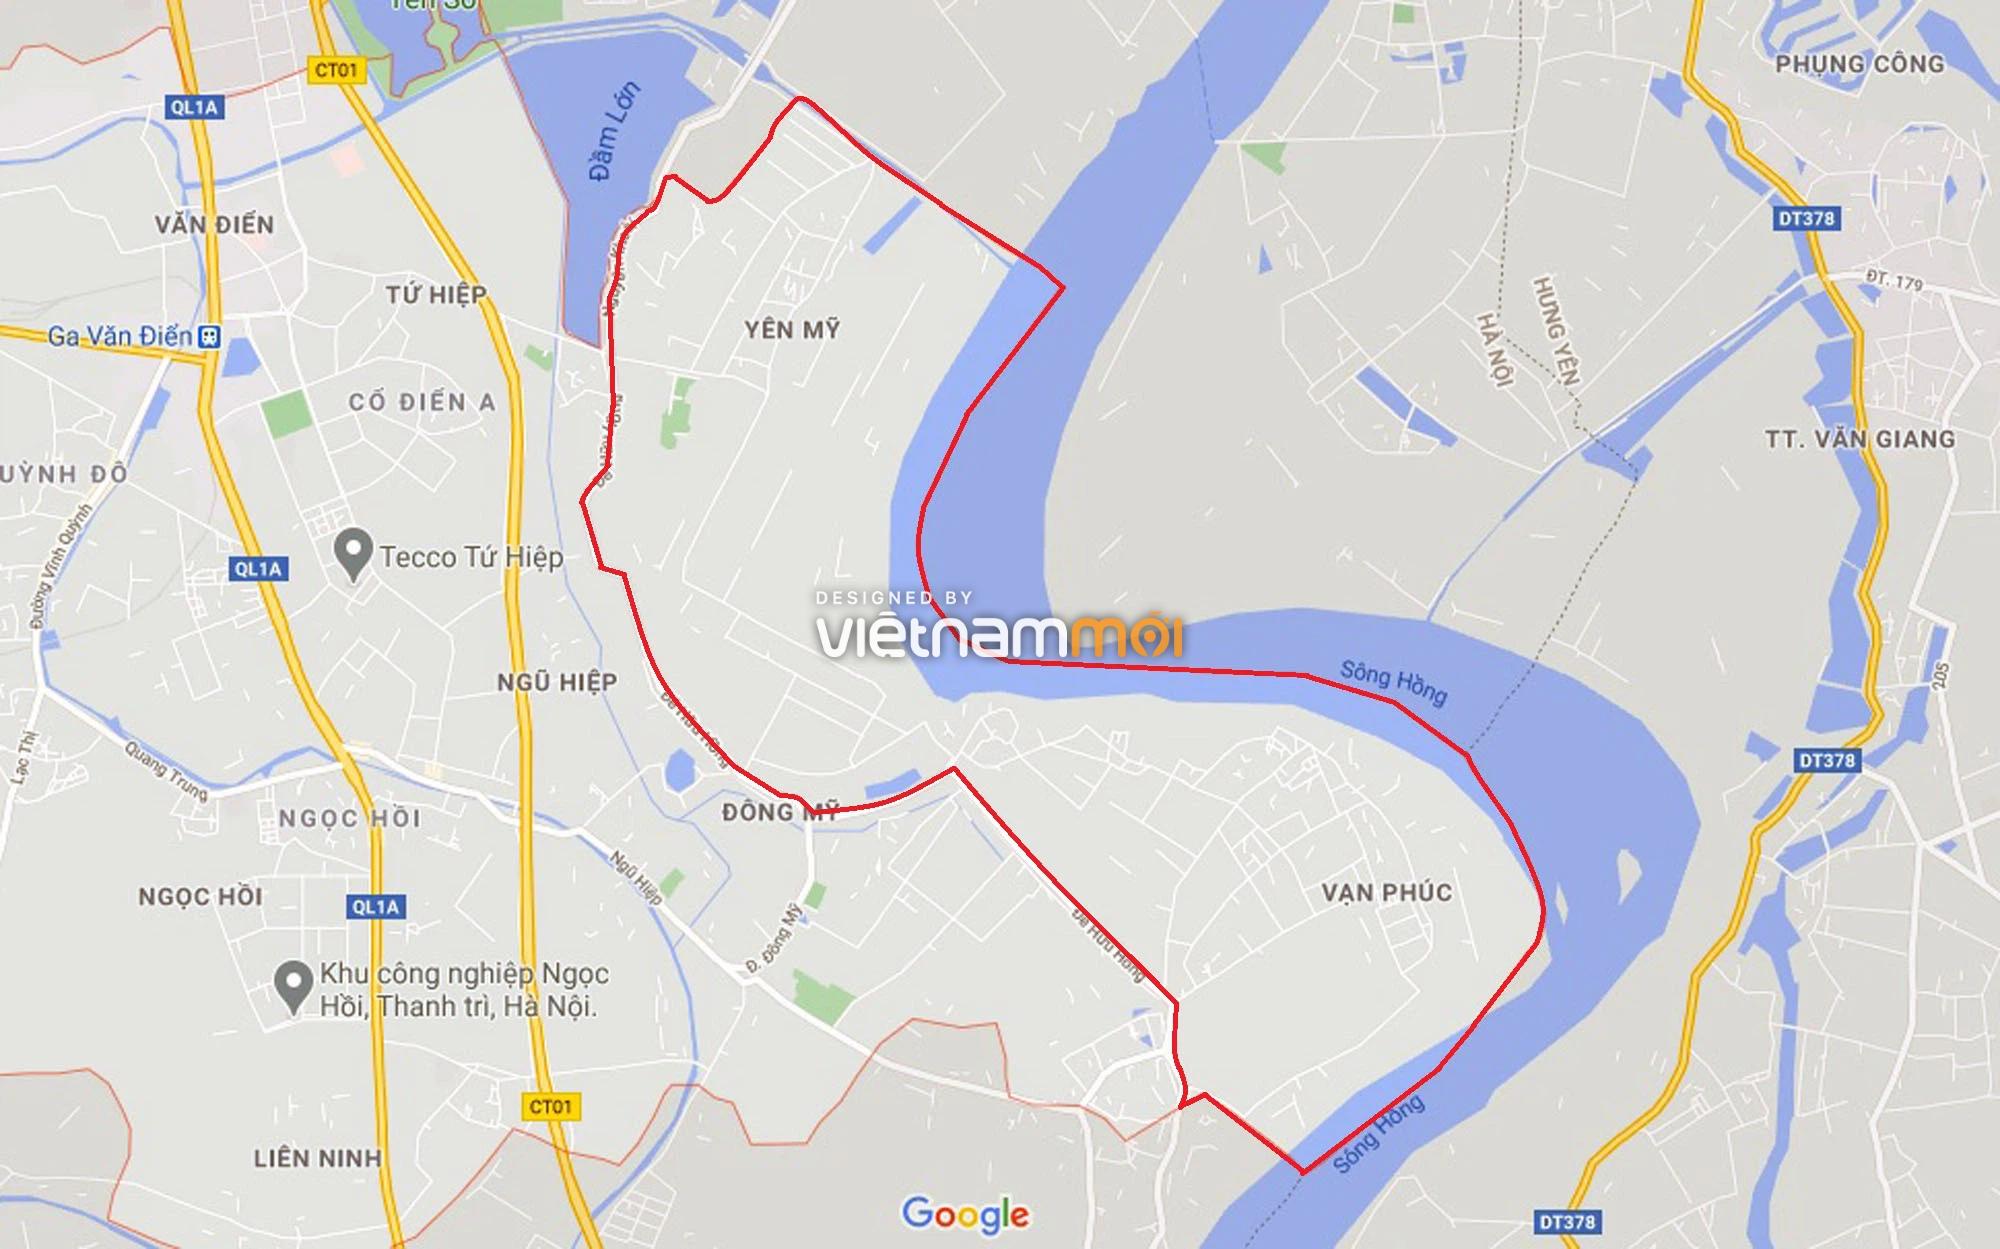 Toàn cảnh hiện trạng Phân khu đô thị sông Hồng trên địa bàn huyện Thanh Trì - Ảnh 1.